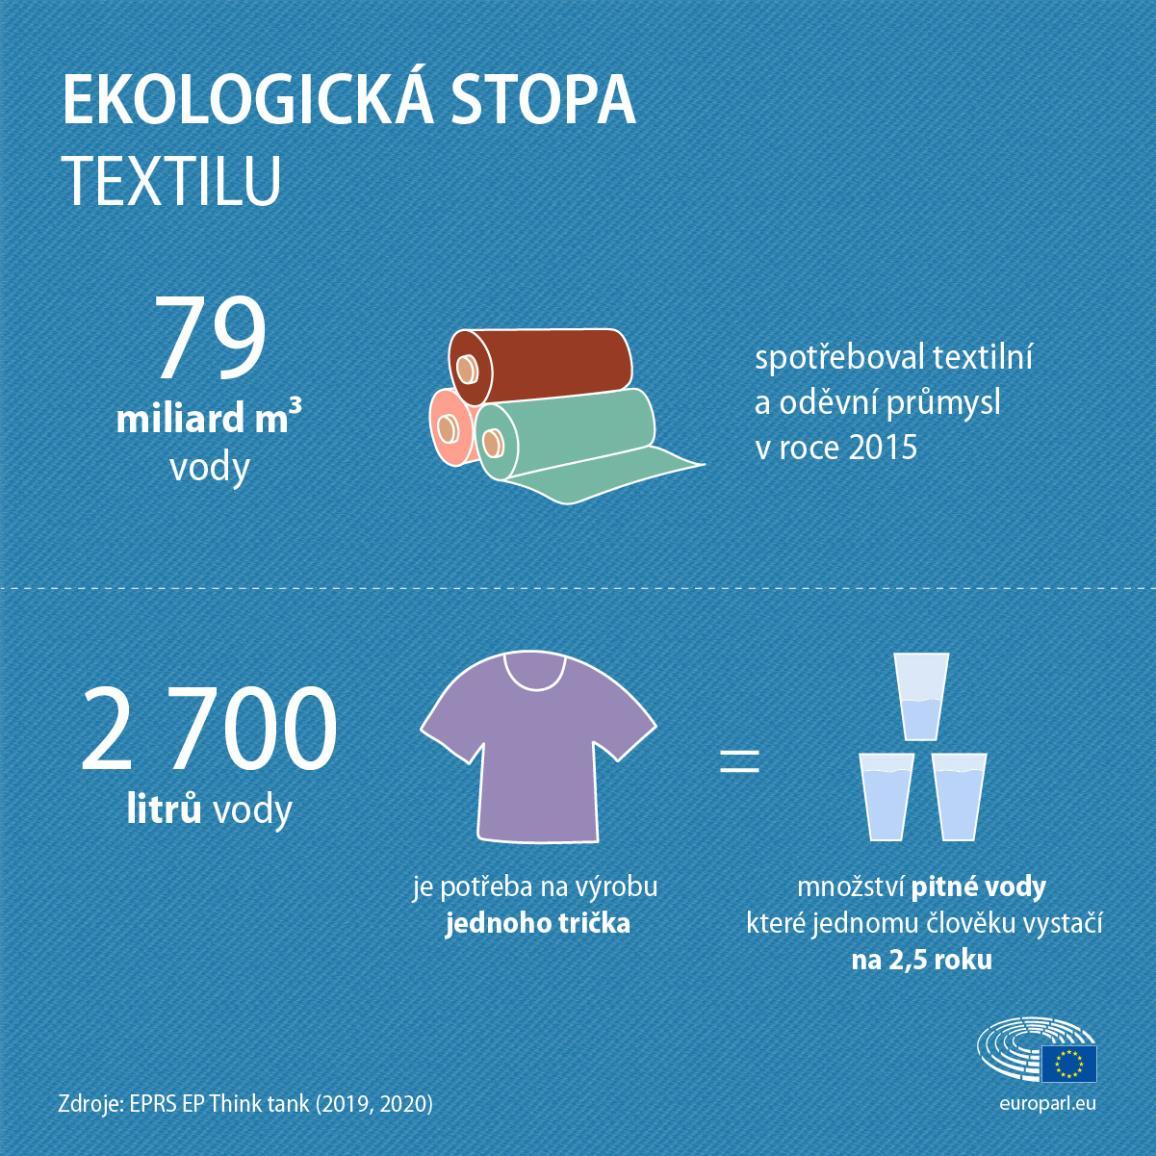 Kolik vody se spotřebuje na výrobu jednoho trička?